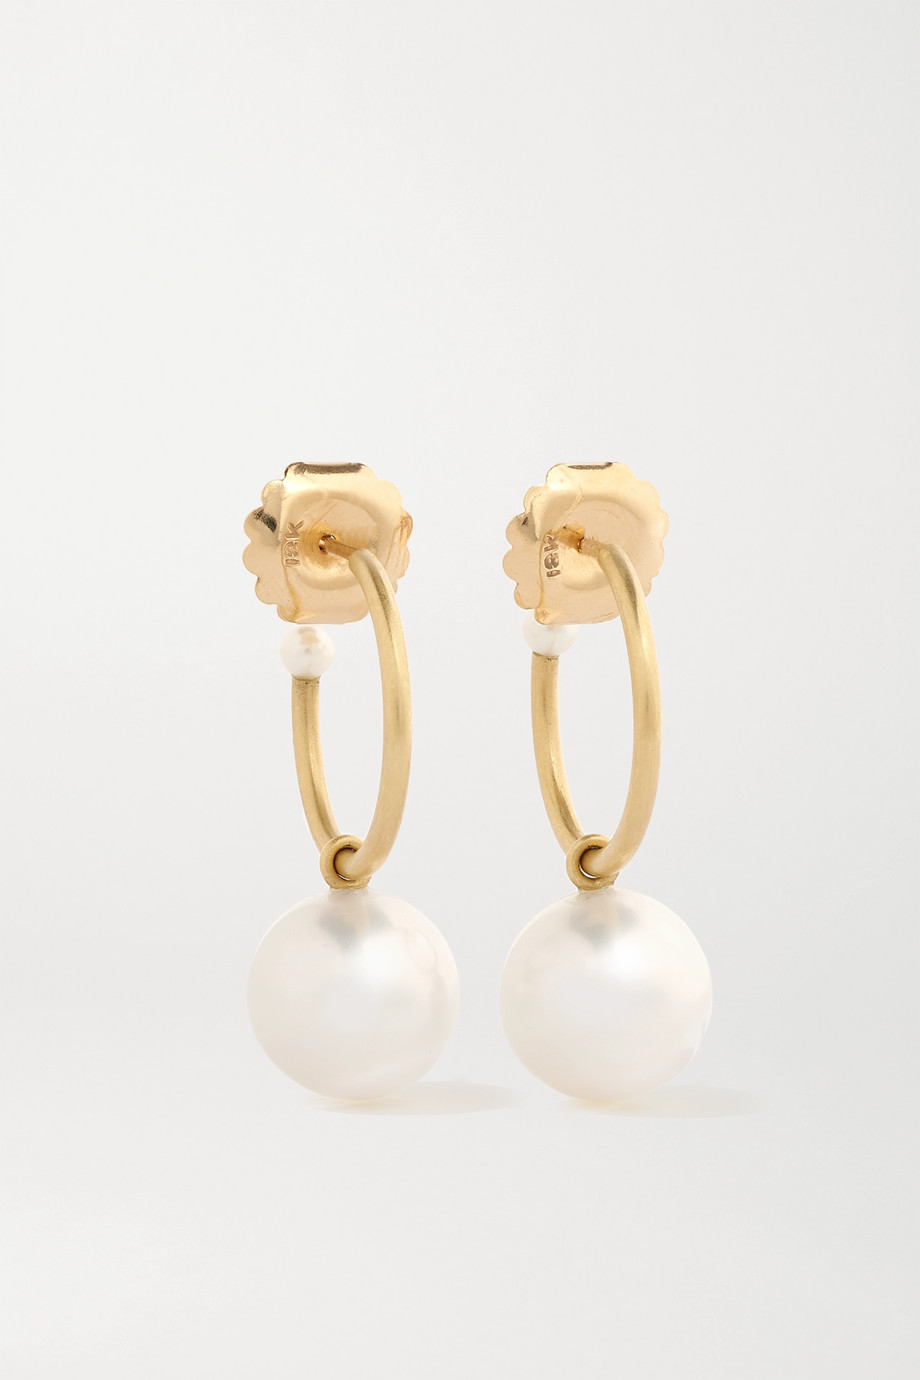 Irene Neuwirth Gumball Creolen aus 18 Karat Gold mit Perlen